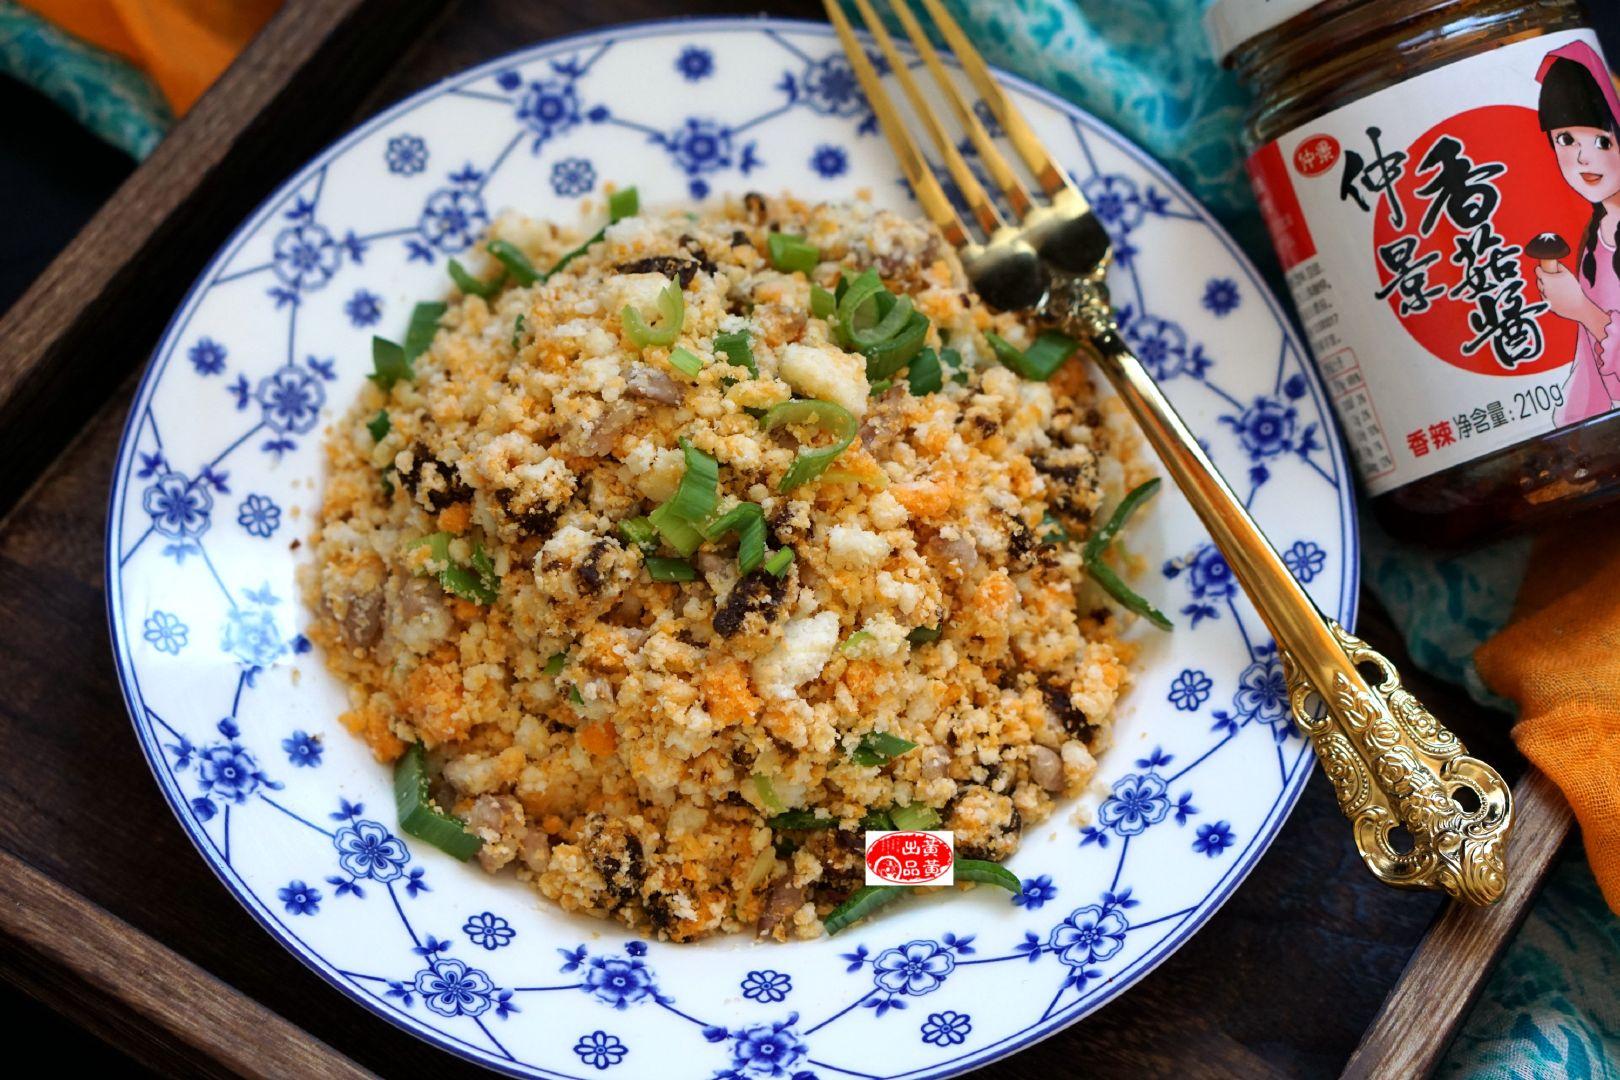 变废为宝肉丁炒豆渣,富含膳食纤维,降低胆固醇,还有减肥的功效